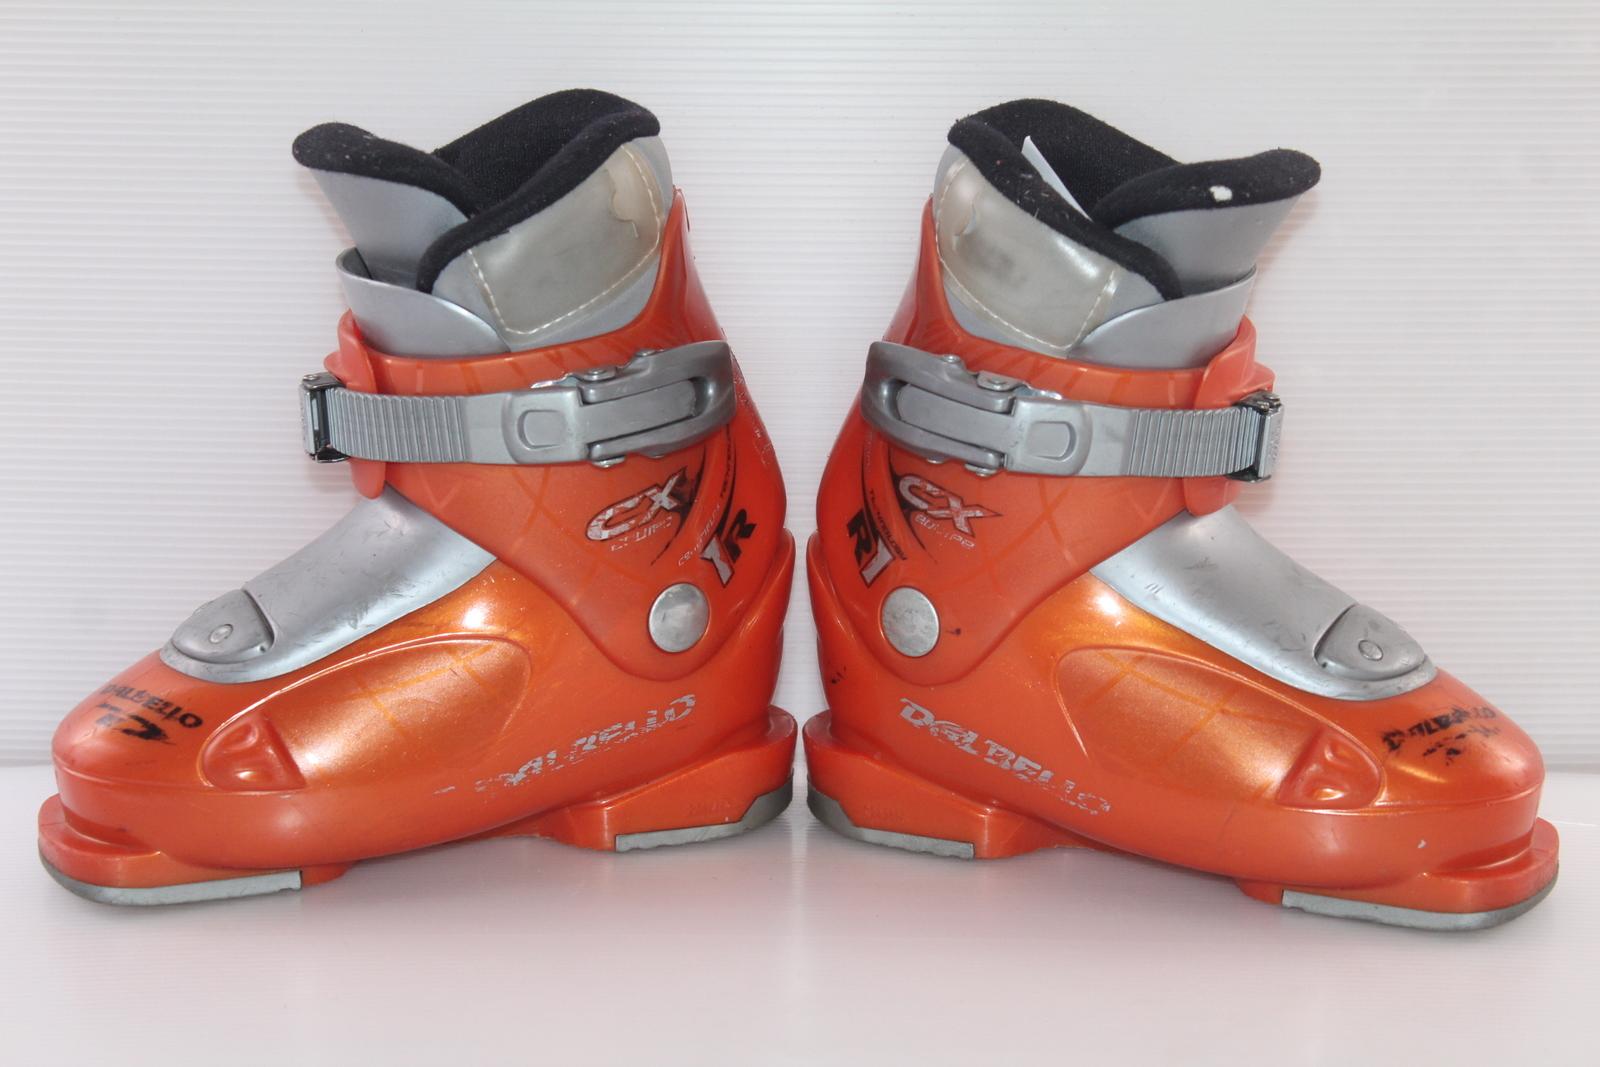 Dětské lyžáky Dalbello CX Equipe R1 vel. EU28.5